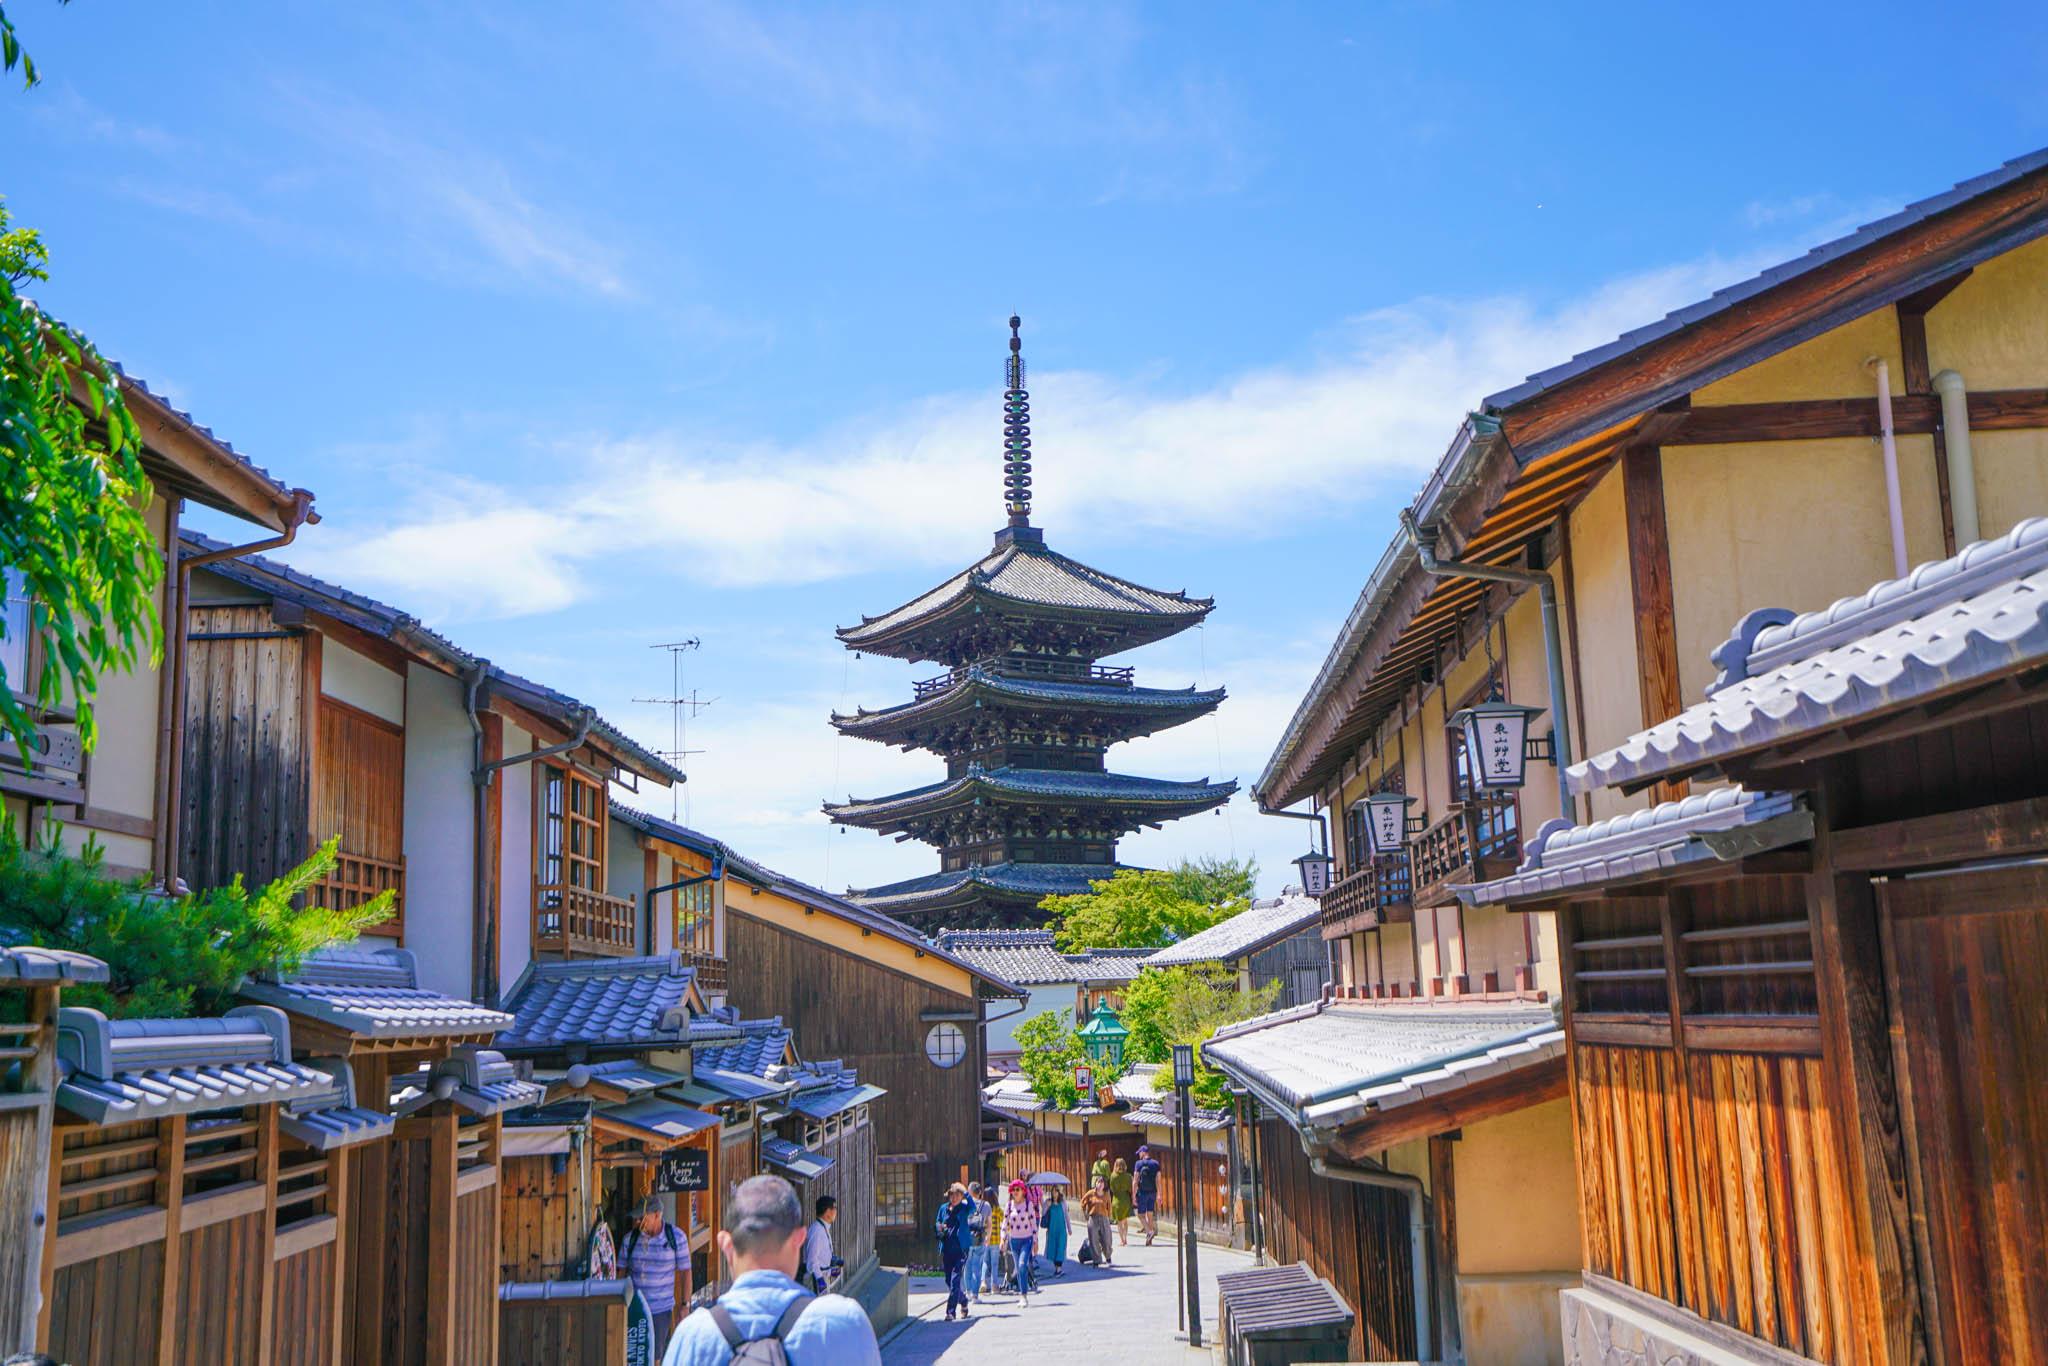 大阪・京都 / Day3 / Ryosenで鯖の煮付け → 錦市場 → 祇園 → 東山